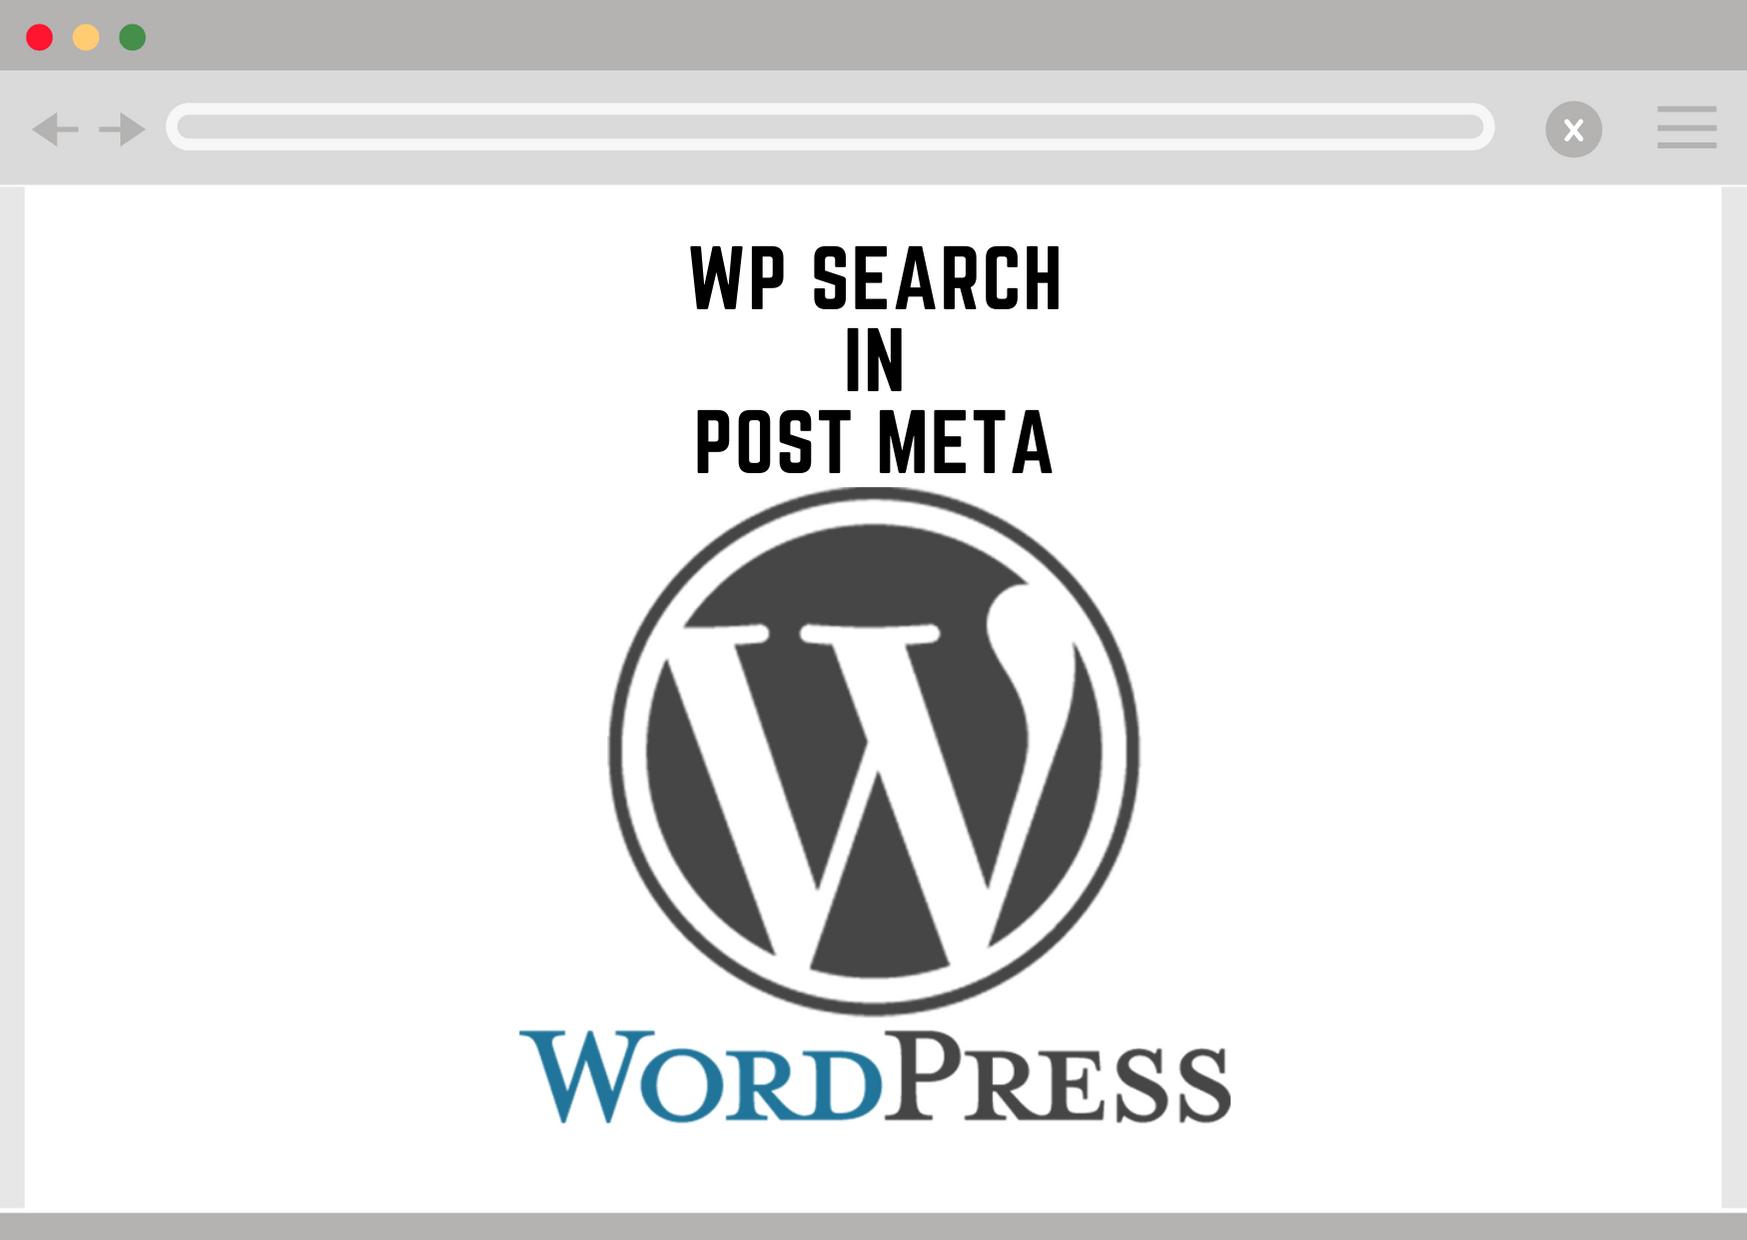 Wordpress Search in Post Meta